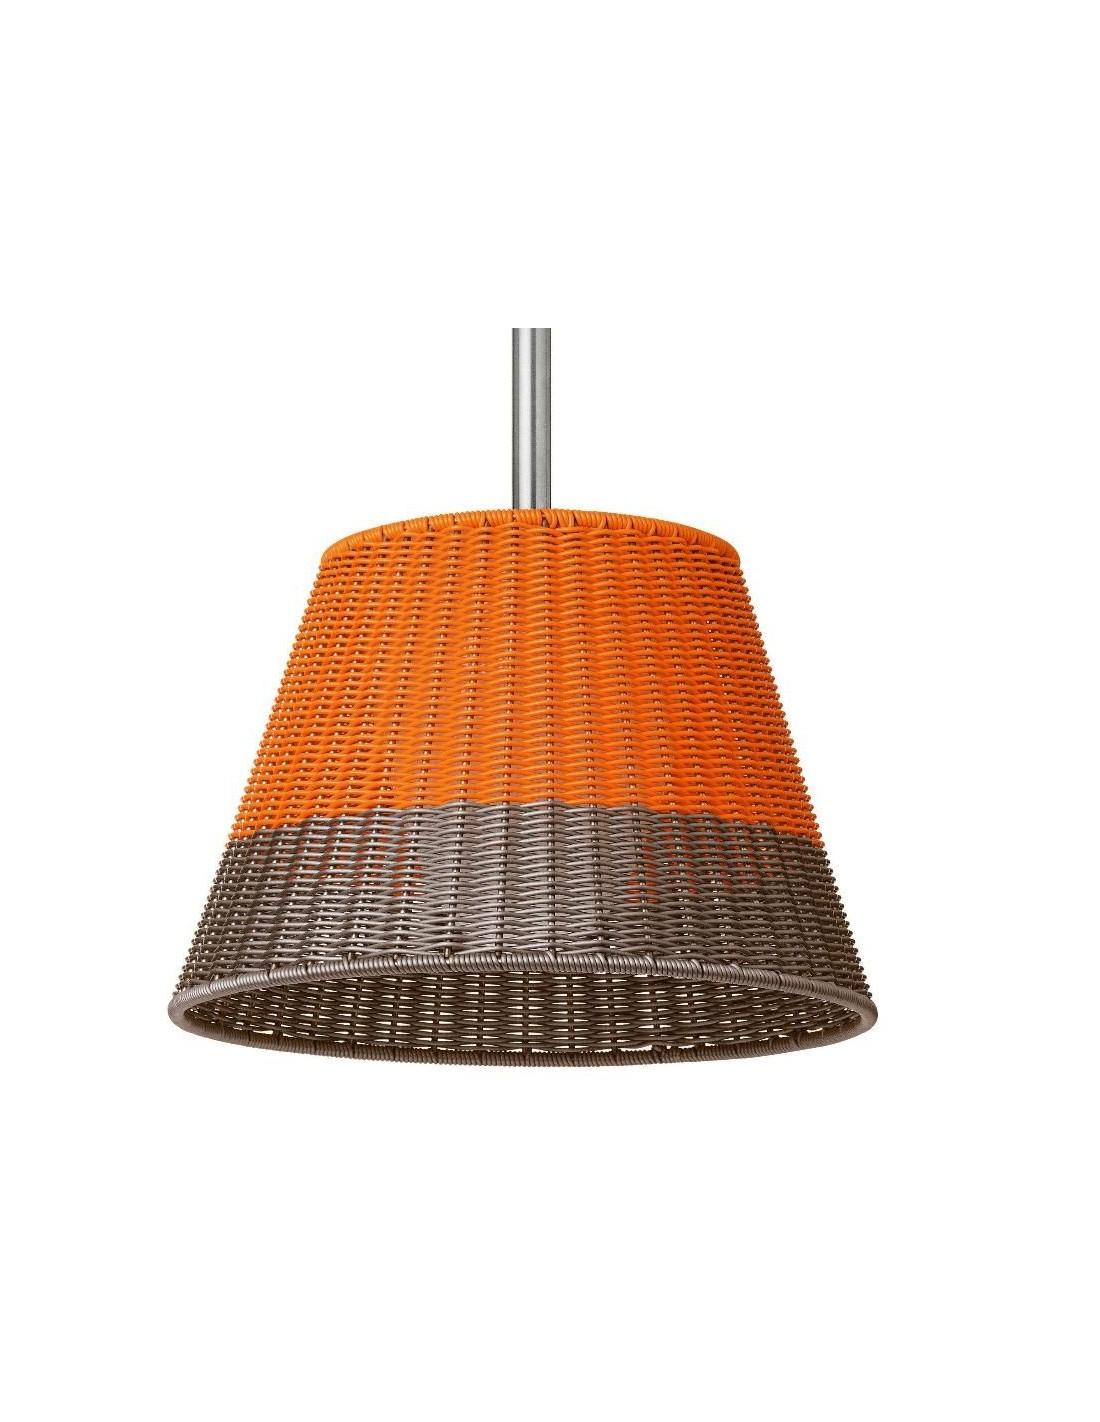 Zoom Suspension Romeo C1 Outdoor H80cm avec abat-jour tressé orange/gris de Philippe Starck pour flos chez Valente Design